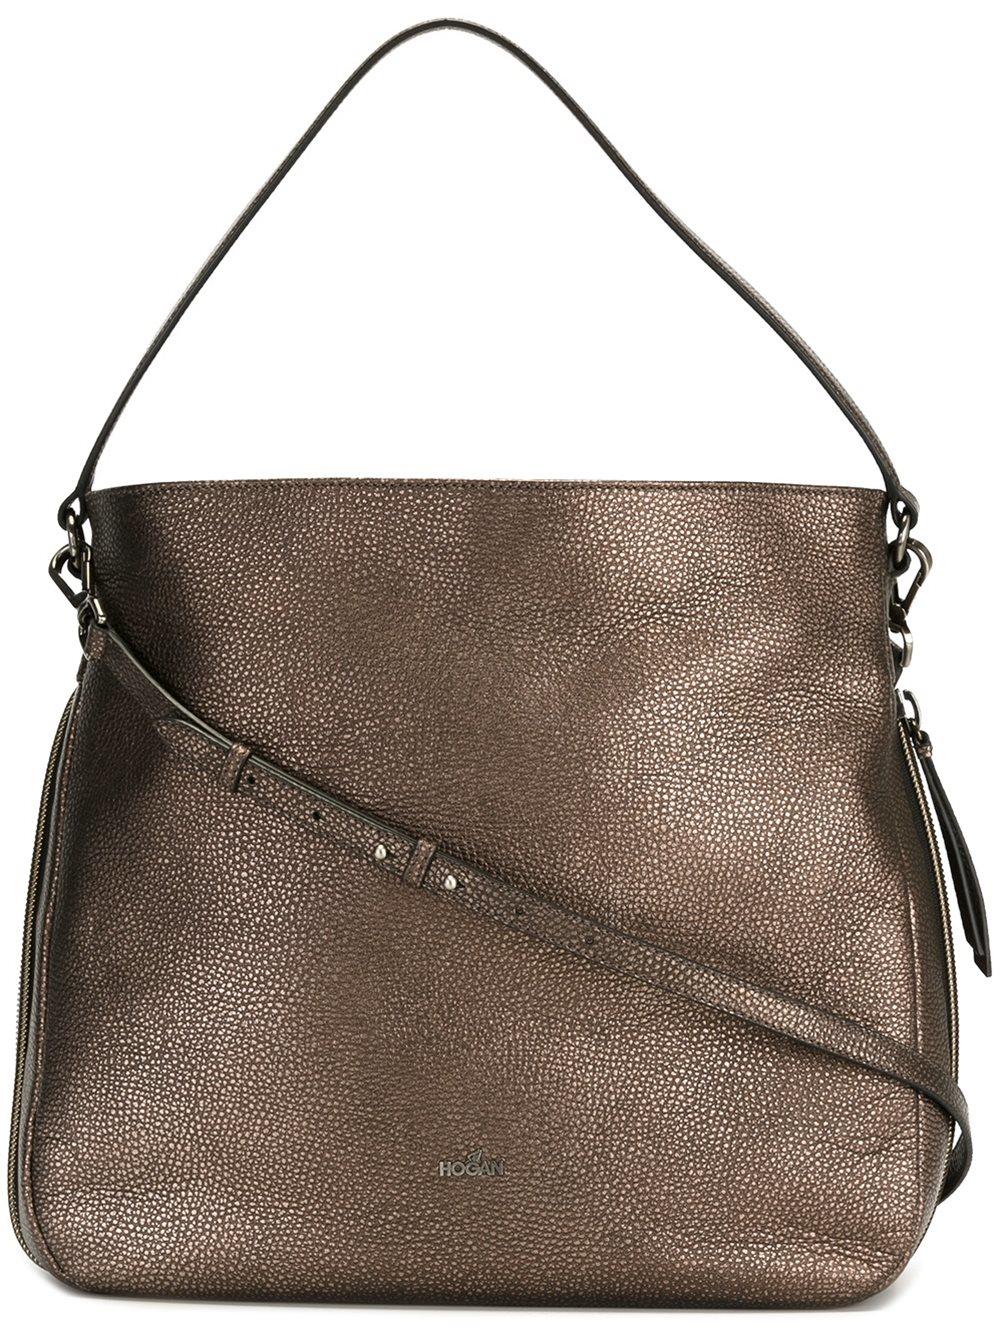 3a006ffe434 Lyst - Hogan Metallic (grey) Shoulder Bag in Metallic